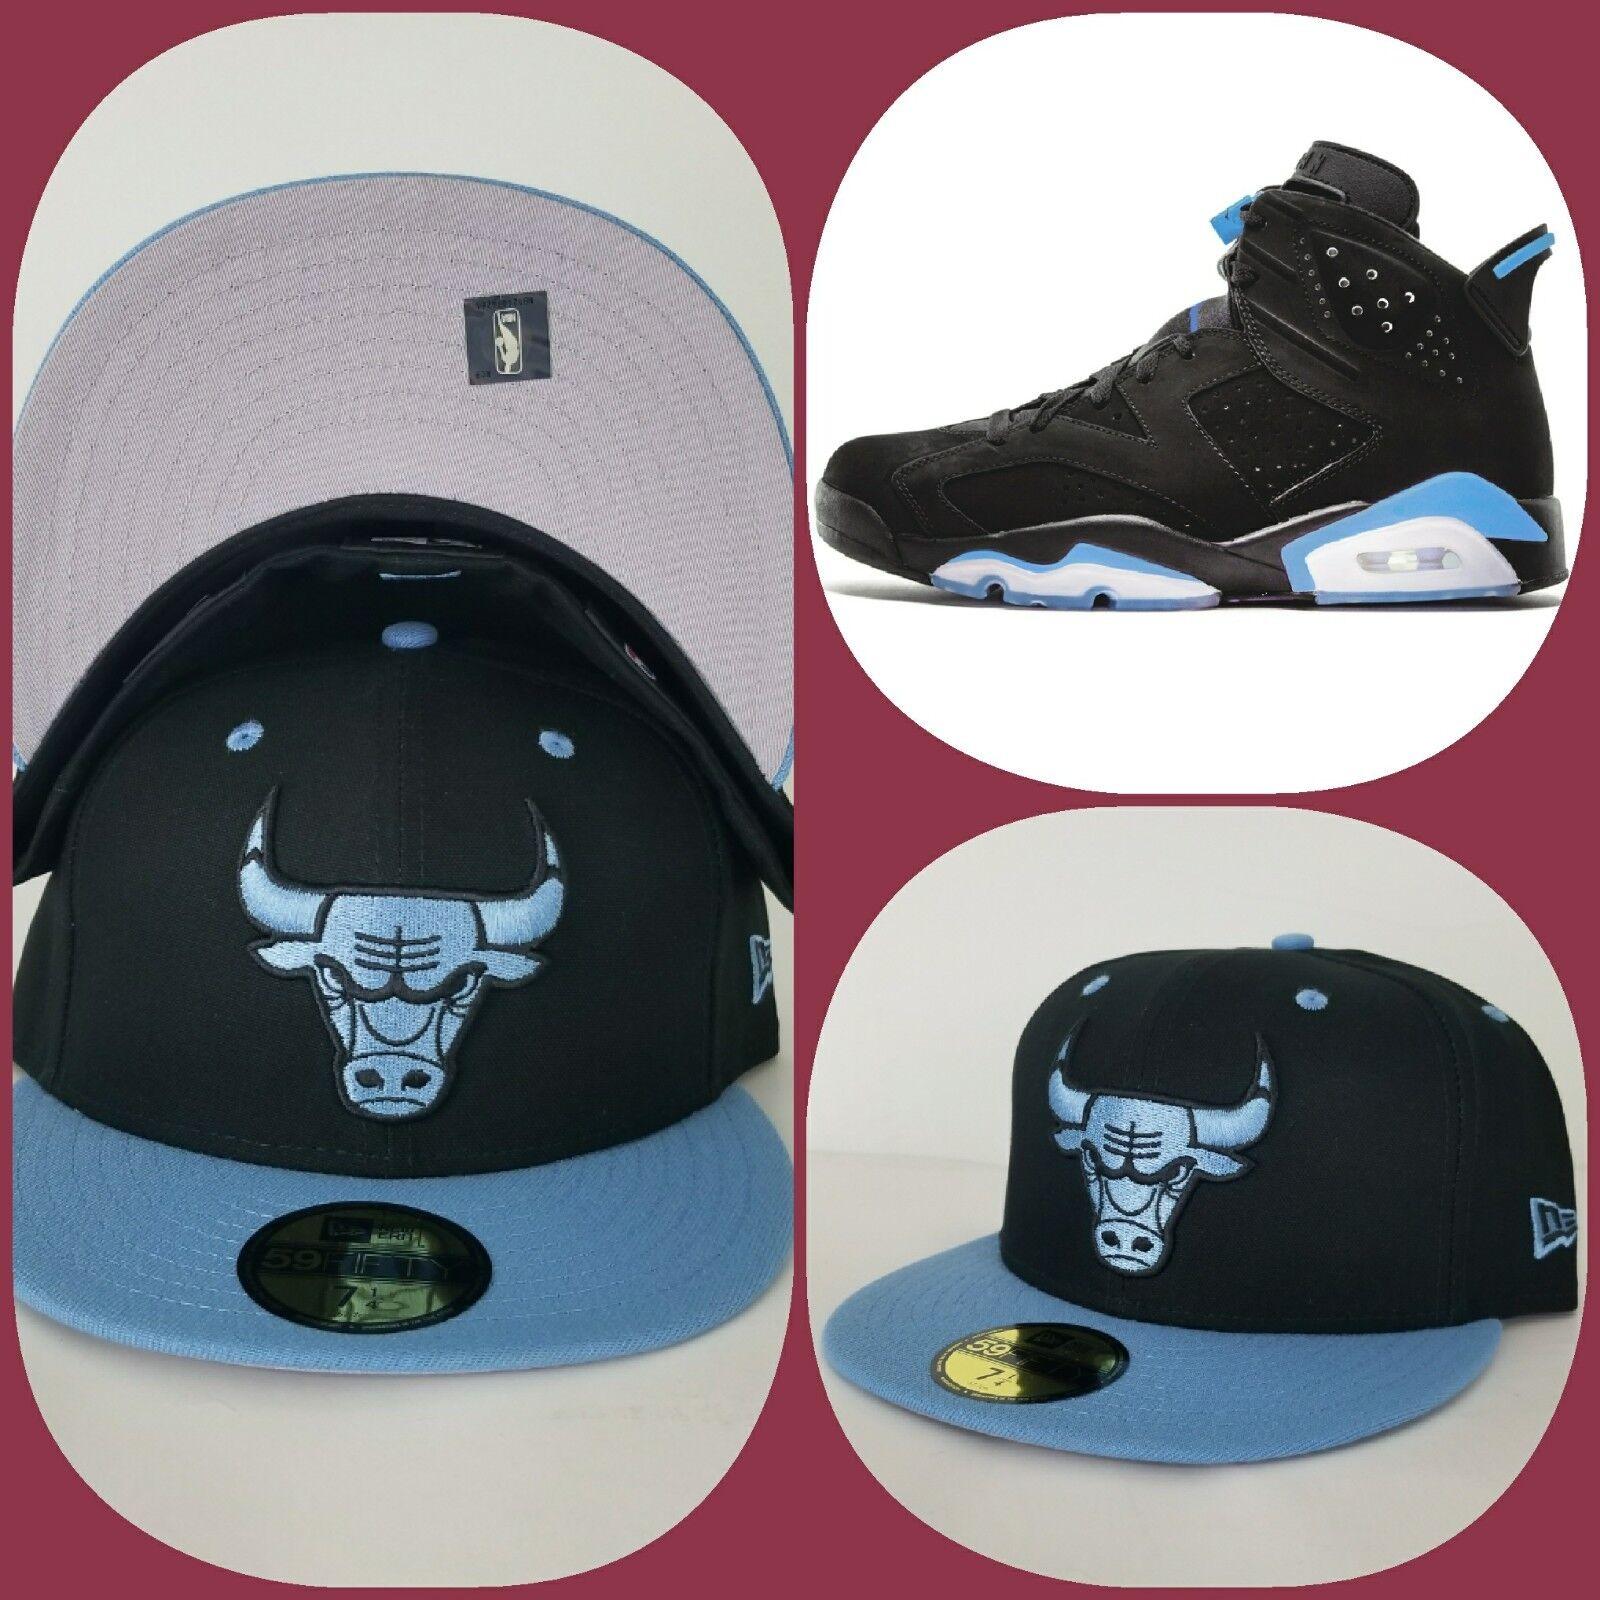 88b422d0780 Details about New Era Chicago Bulls Black   University Blue fitted hat  Jordan 6 Retro UNC